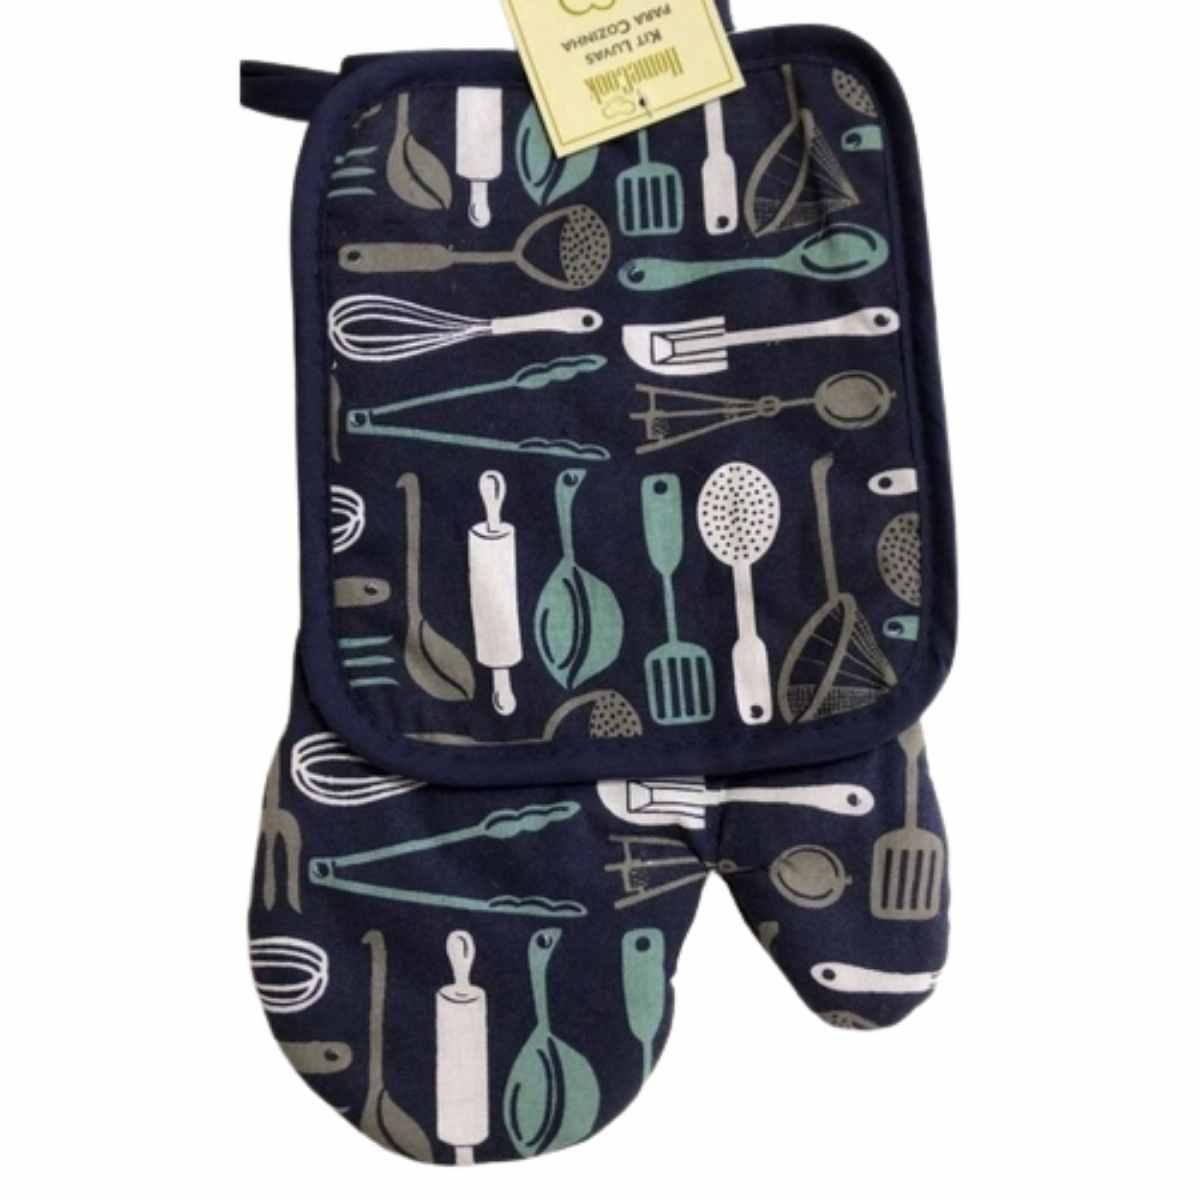 Kit  Escorredor de Louça Azul + Luva para Cozinha 2 Peças Home Cook Kitchen